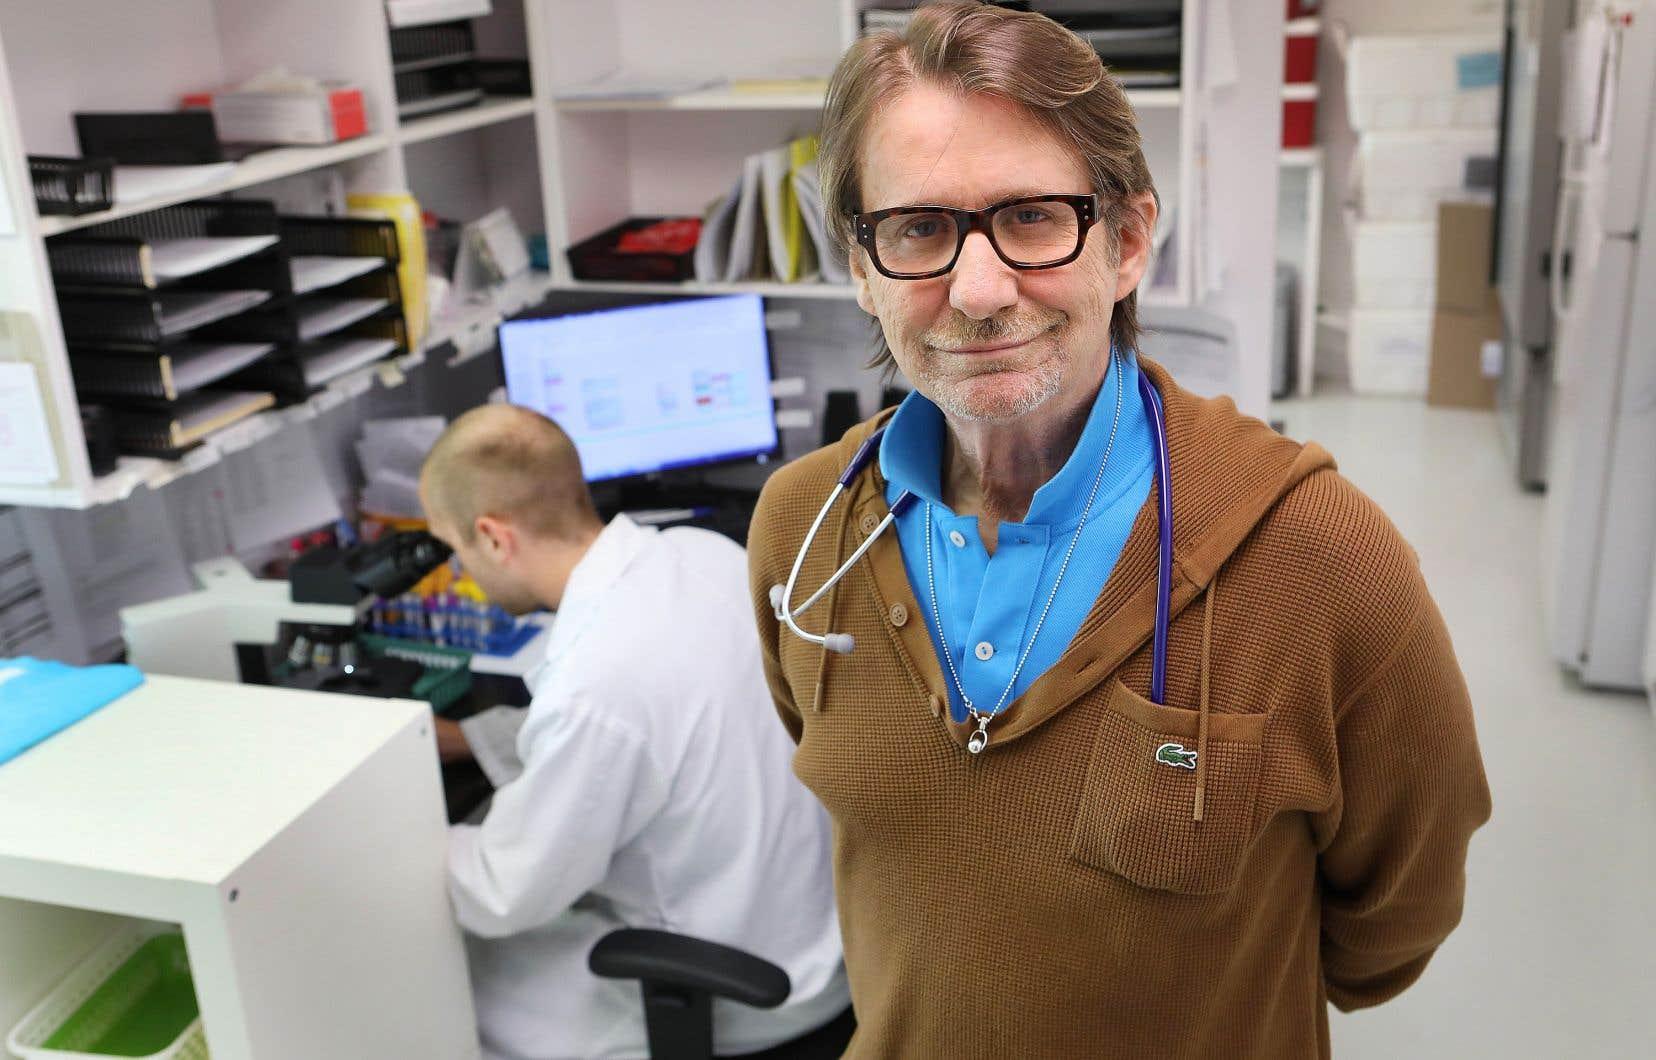 Fondateur et p.-d.g. de la clinique l'Actuel, le Dr Réjean Thomas explique qu'une part importante de sa clientèle pratique aujourd'hui le «chemsex», c'est-à-dire qu'on mélange drogue dure et sexe.